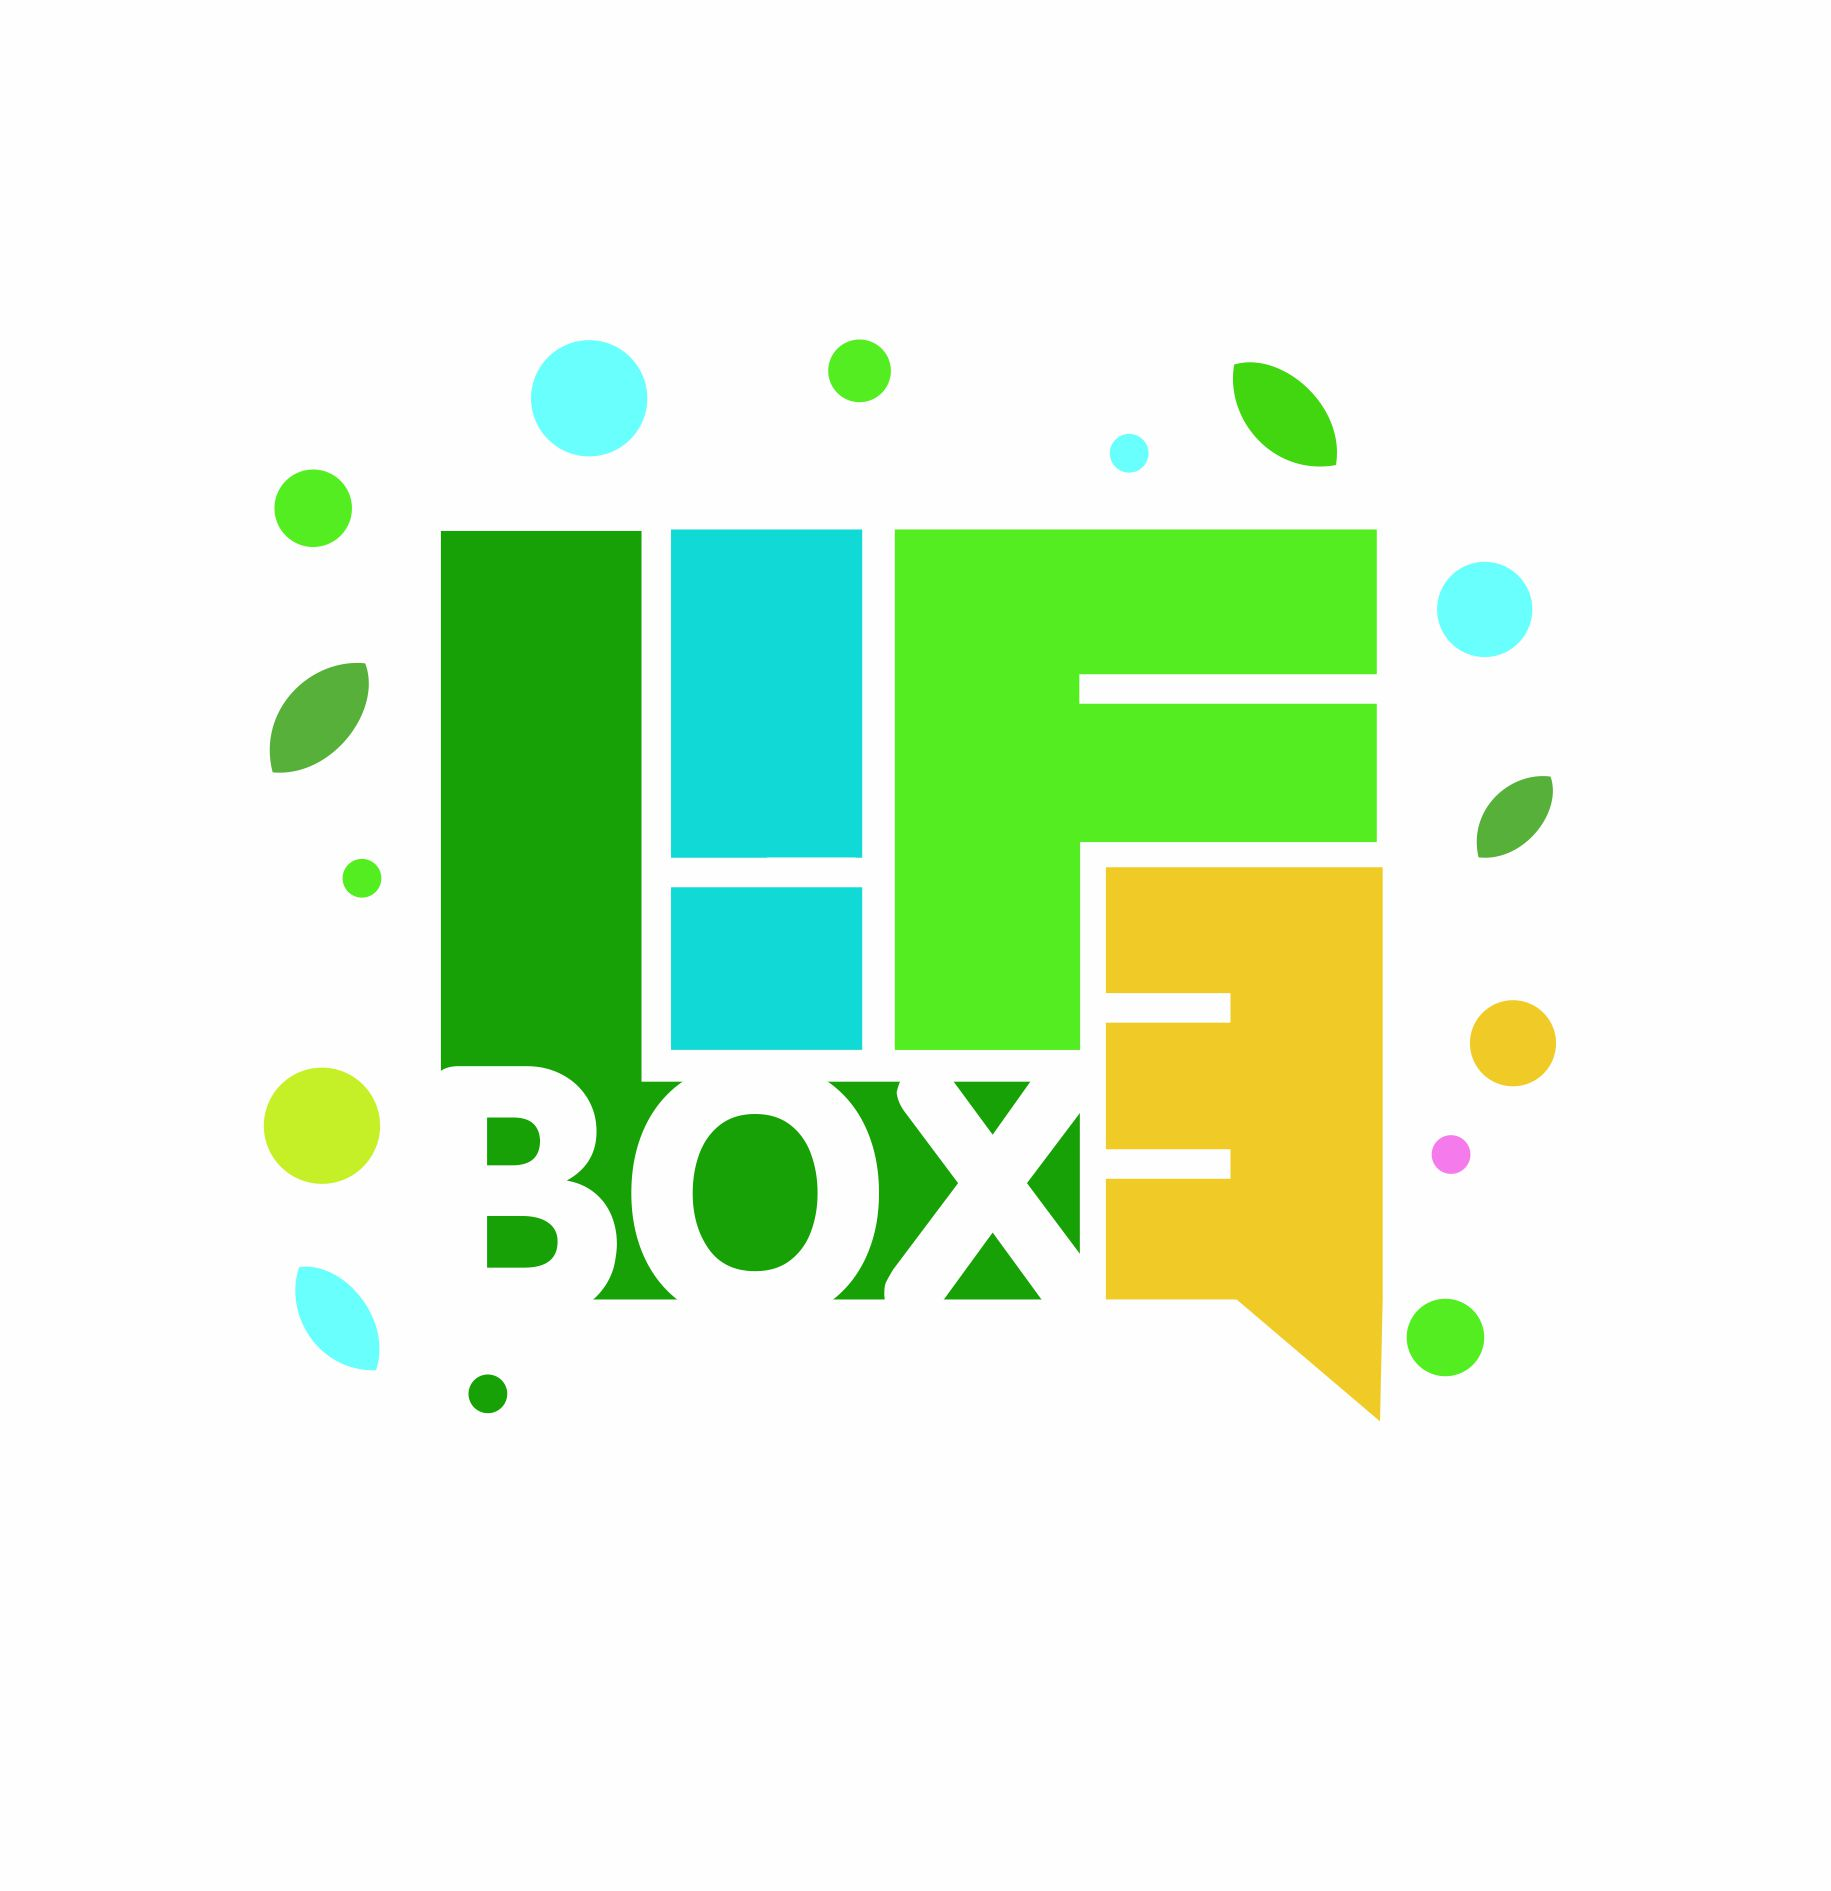 Разработка Логотипа. Победитель получит расширеный заказ  фото f_9855c2606f595776.jpg